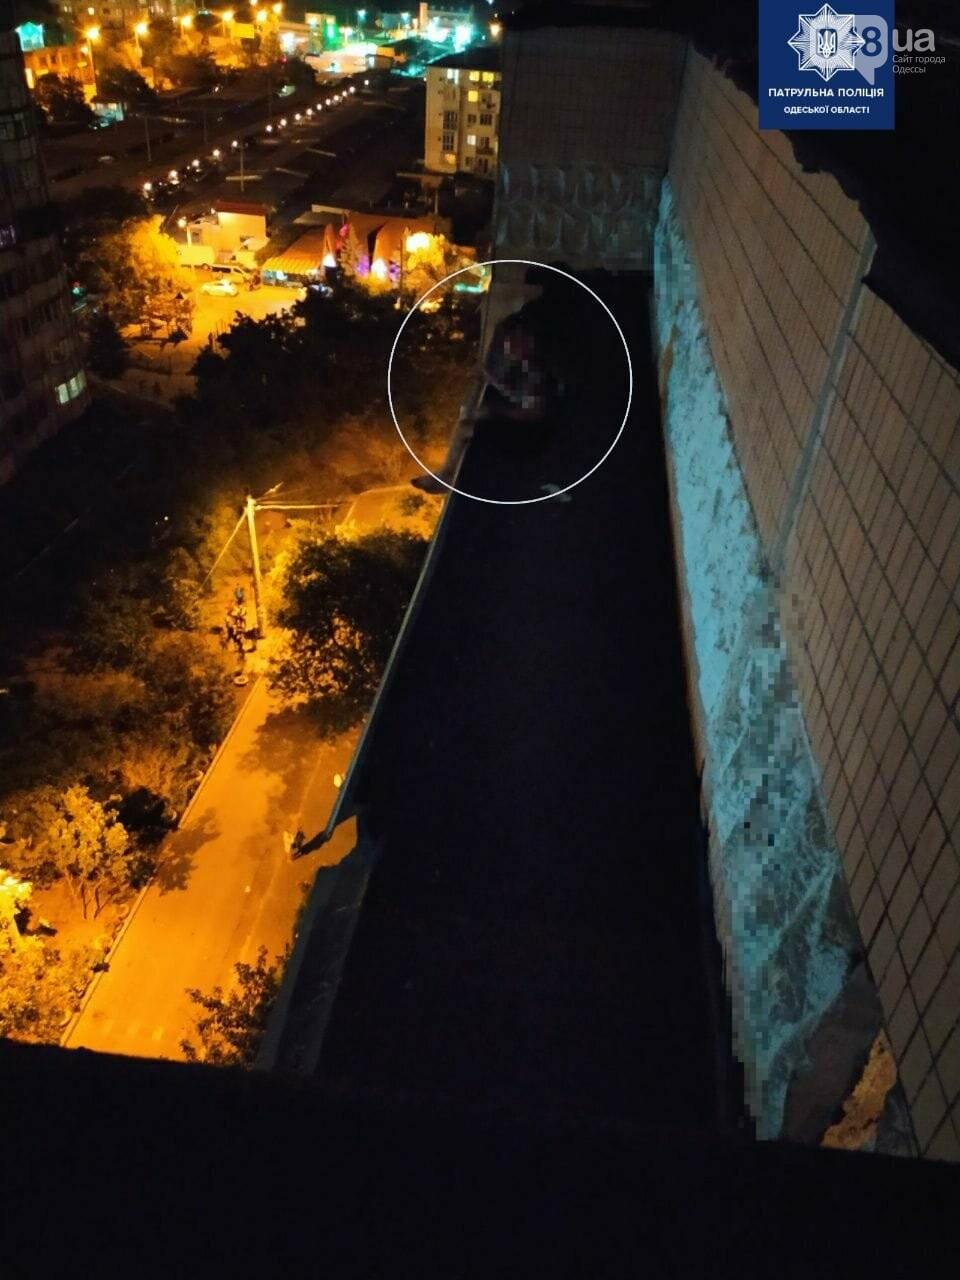 Несчастная любовь: в Одессе патрульные спасли парня от самоубийства,-ФОТО 1